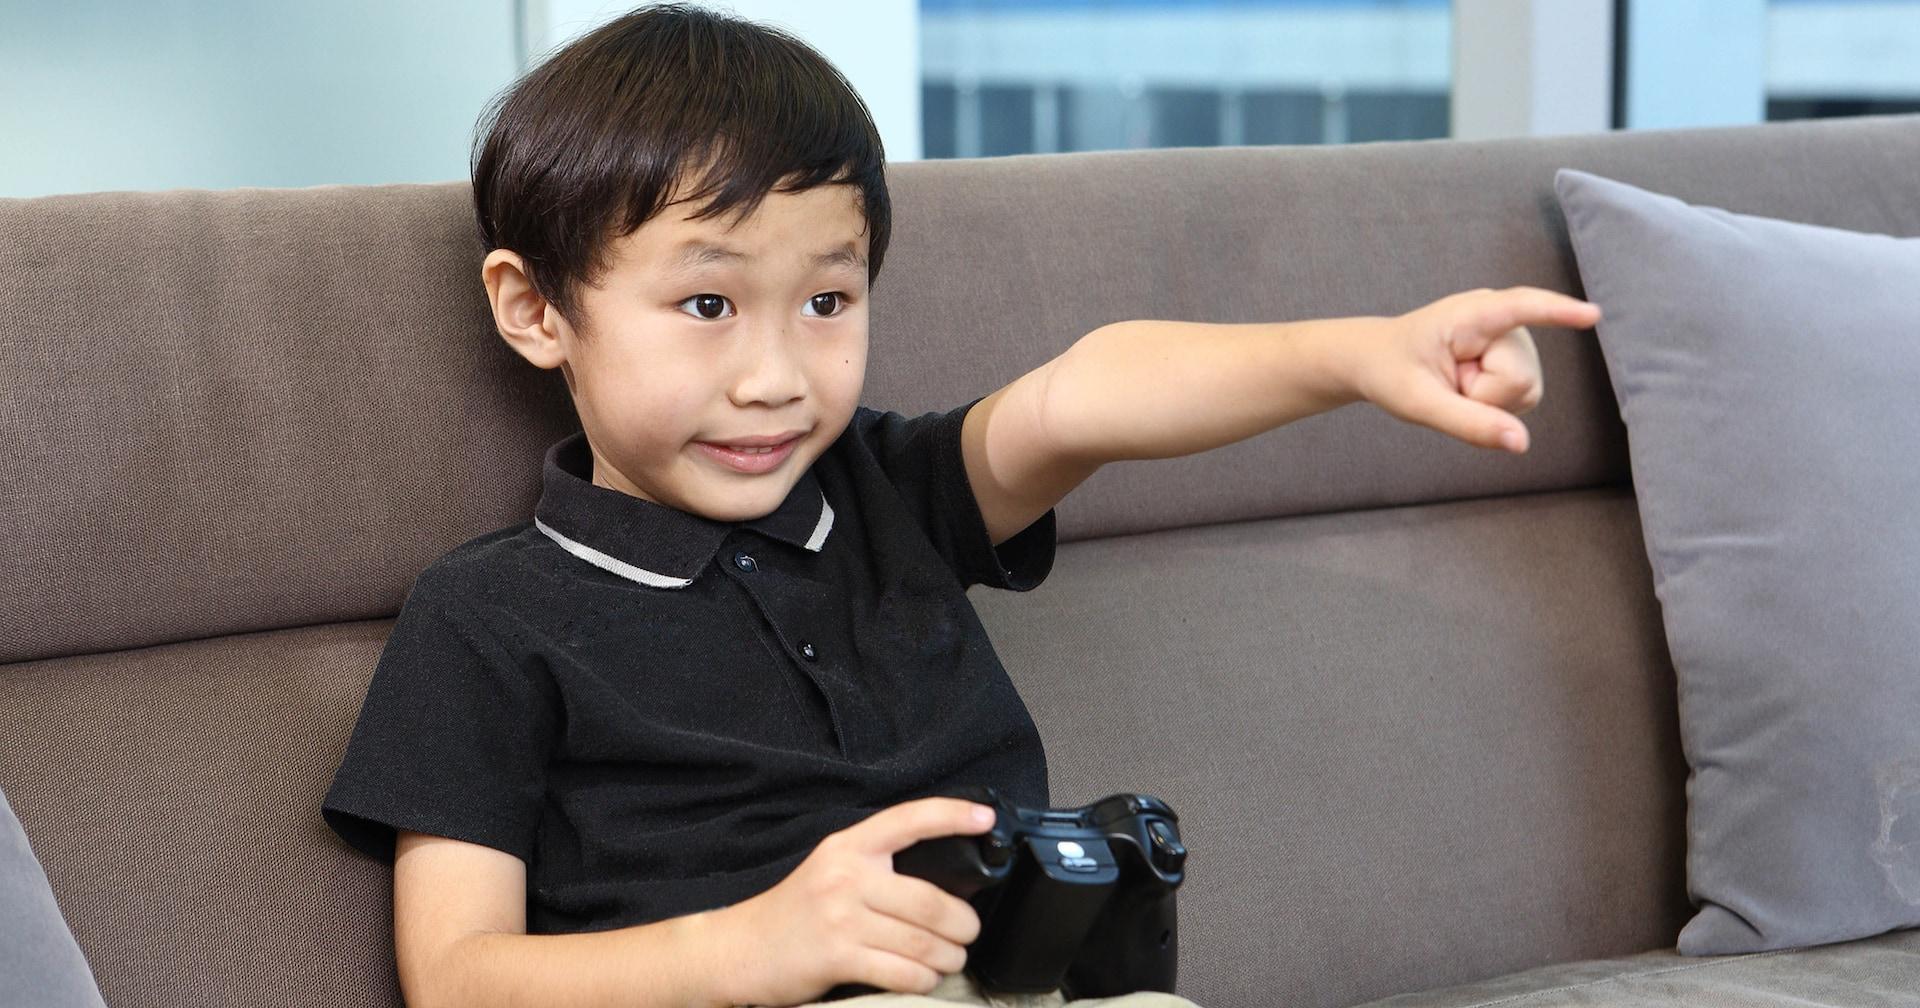 上司が息子に『マインクラフト』をやめさせたという話を聞き、全力で説得した結果…まさかの展開に称賛の声